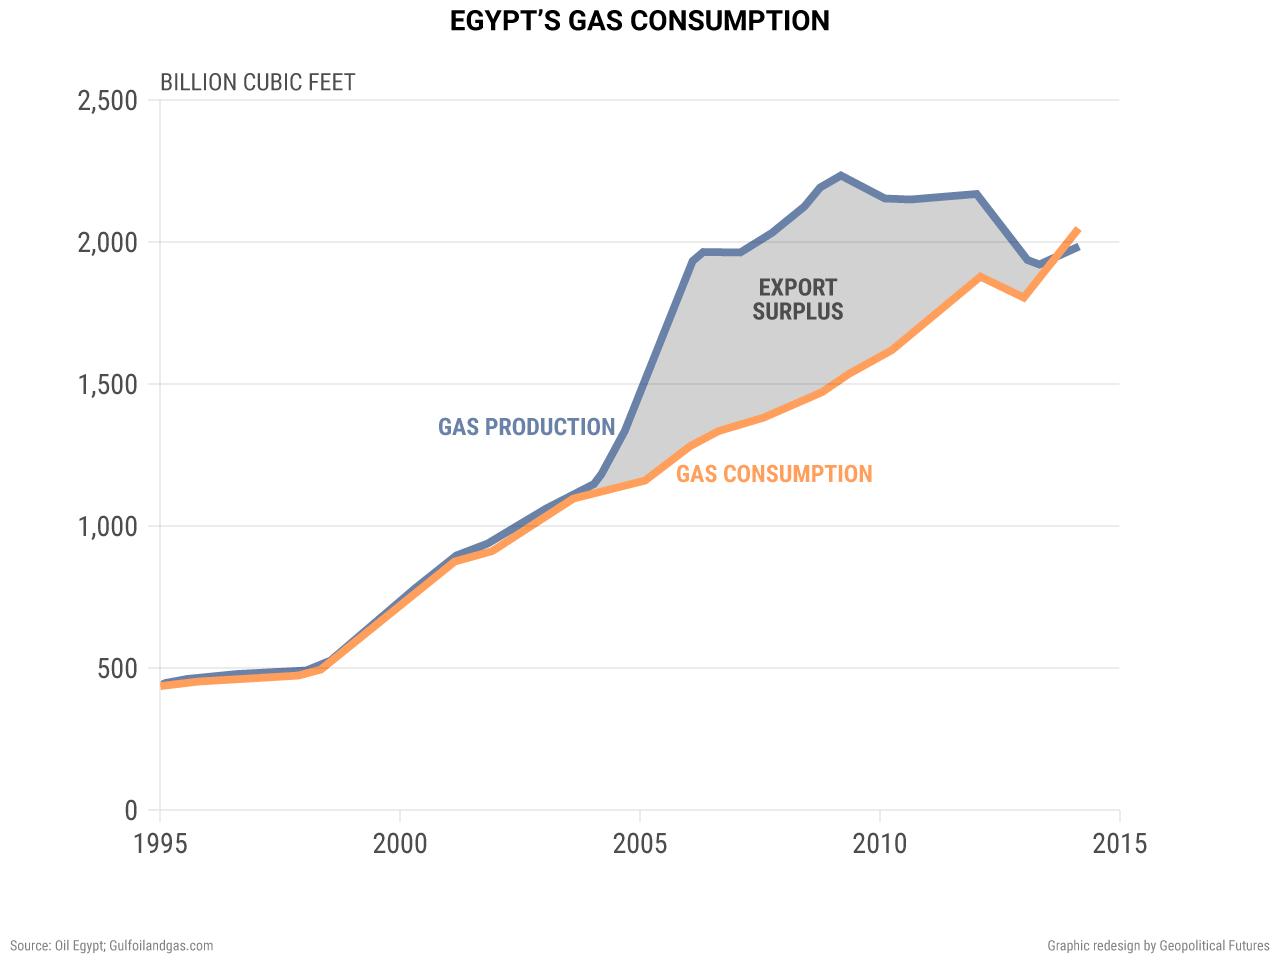 Egypt's Gas Consumption